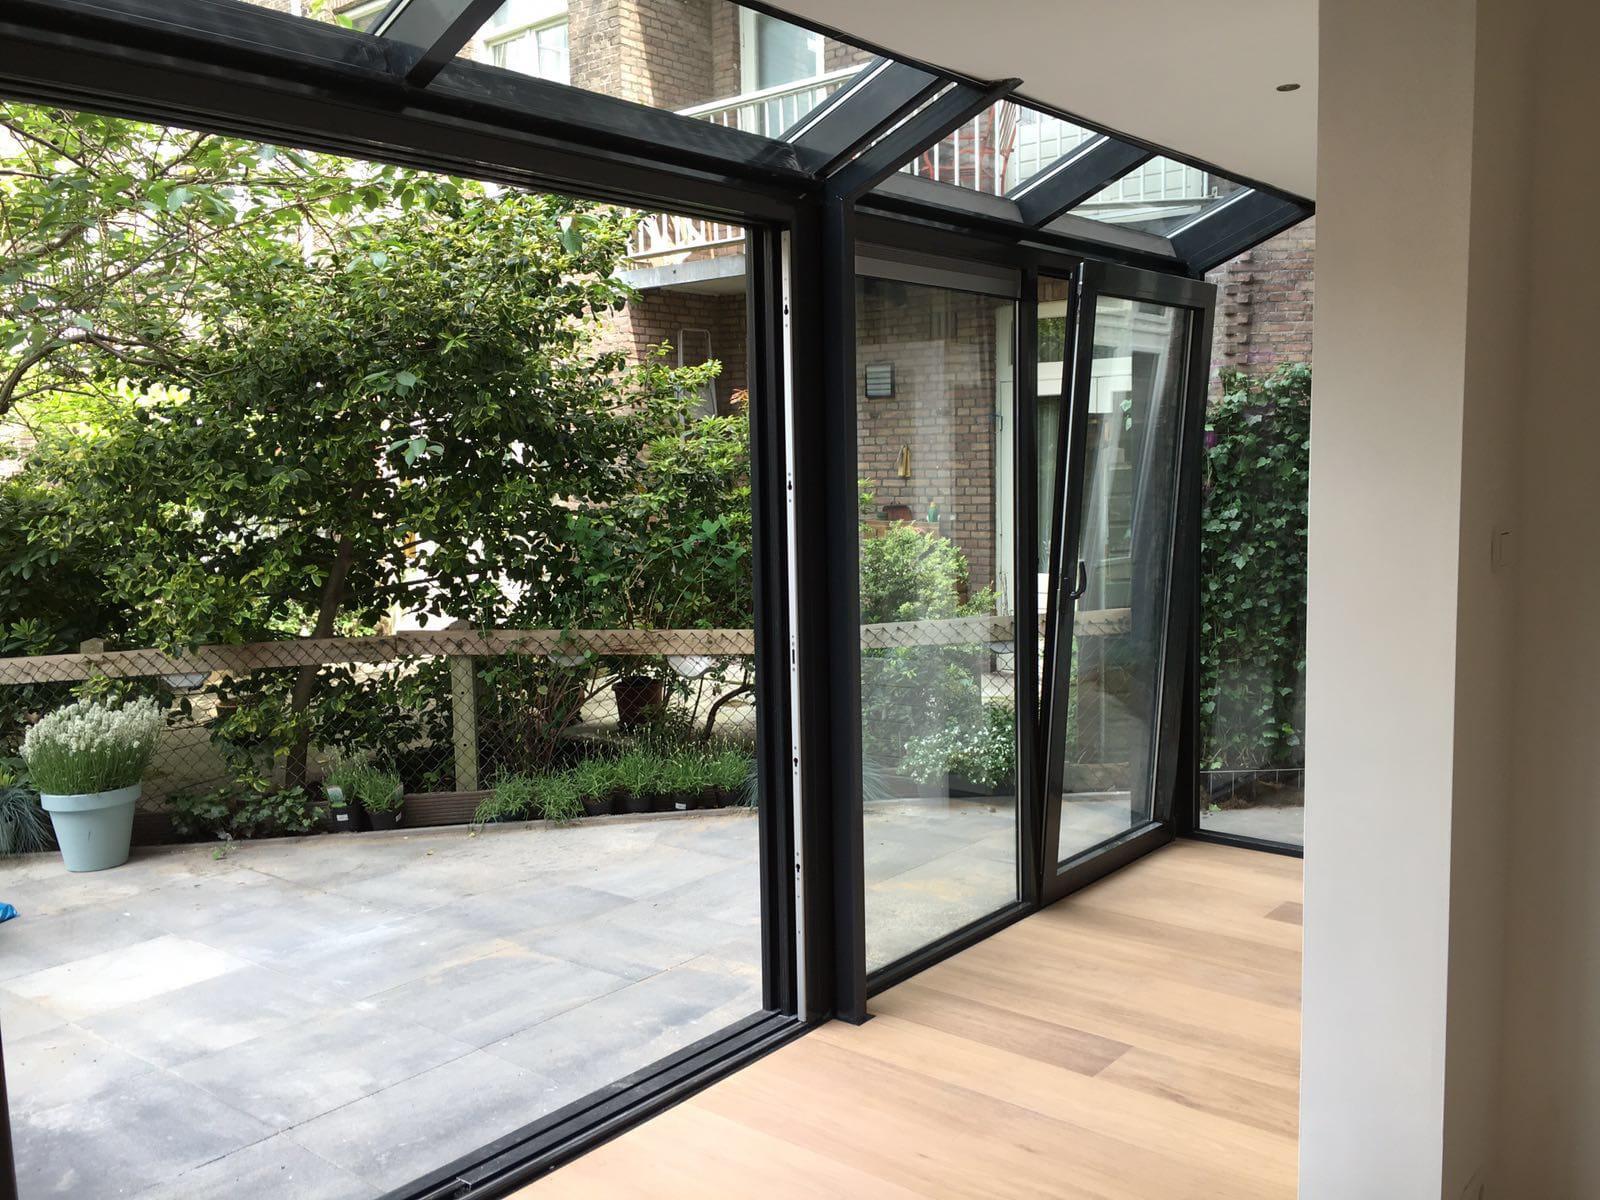 Binnenzijde zwarte serre tegen plat dak knik met schuifpui en draaikiep deur